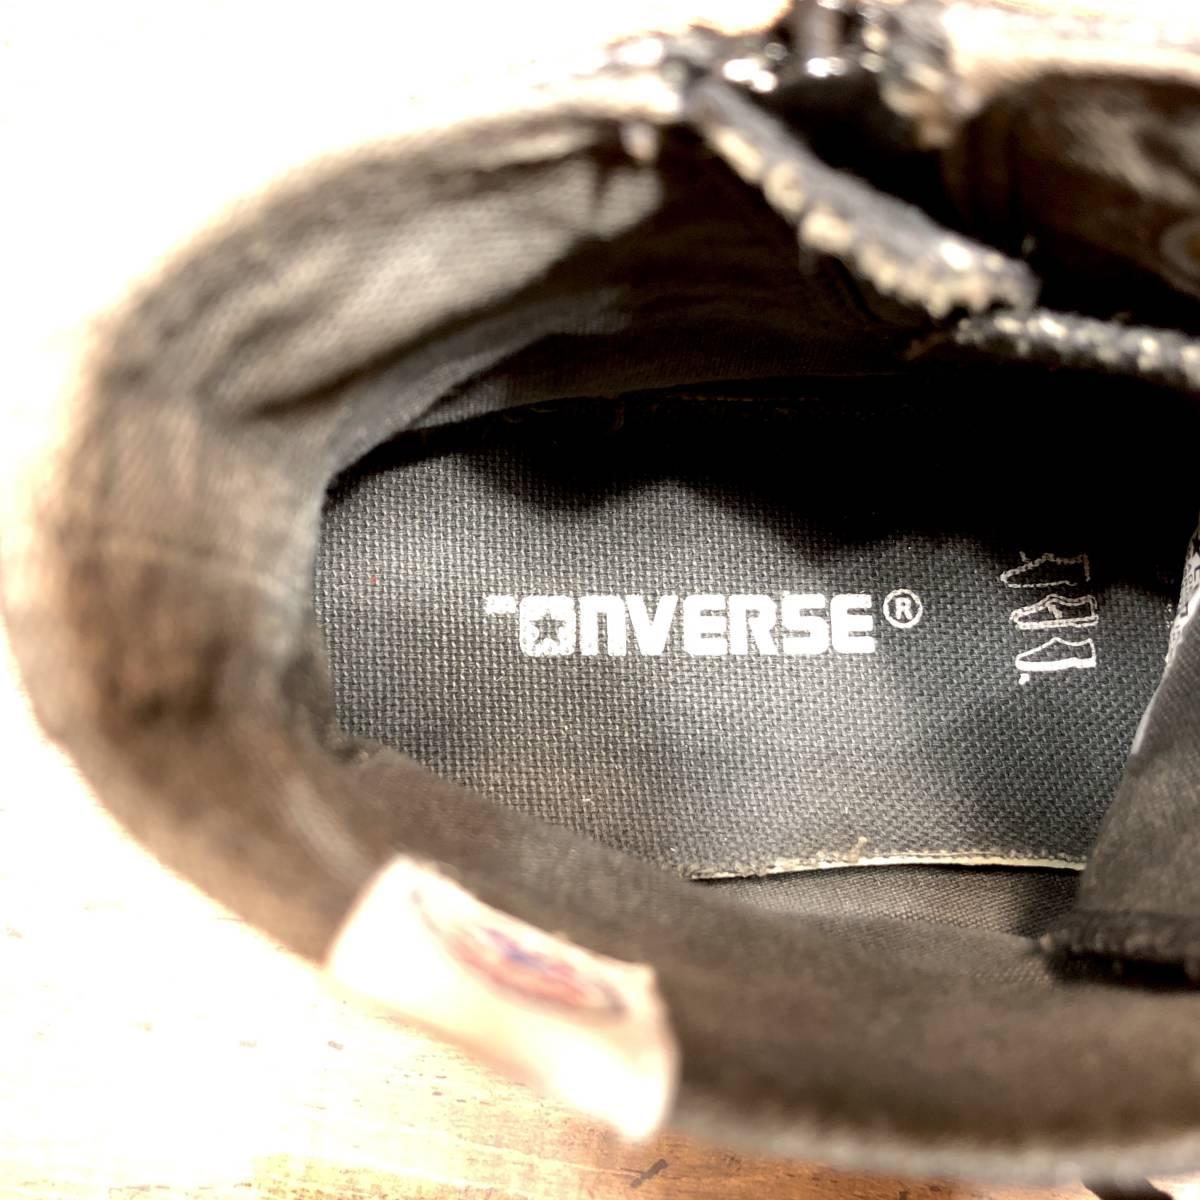 ■CONVERSE ALL STAR■ 26.5cm US8 黒 ブラック コンバース オールスター ハイカットスニーカー サイドジップ メンズ 靴 くつ 8ホール 即決_画像8